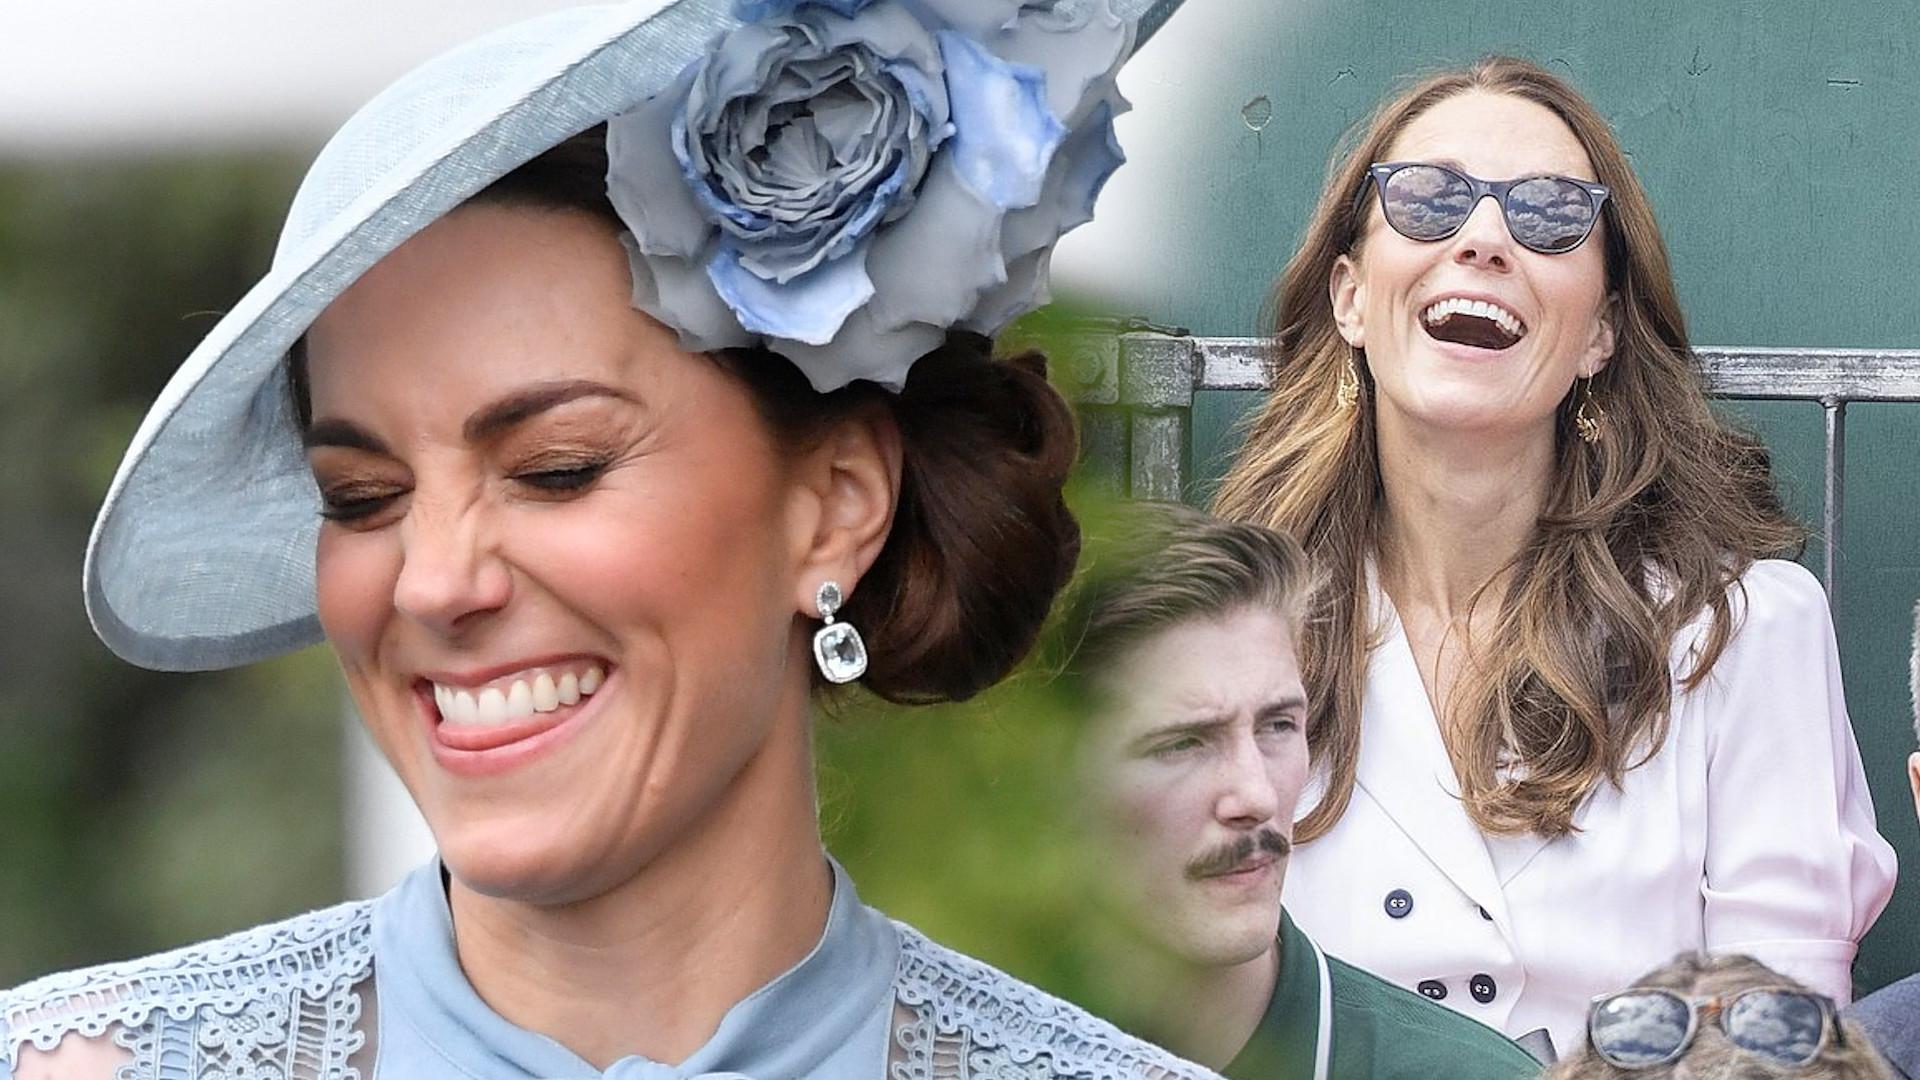 Księżna Kate wydała ROZKAZ stewardessom podczas lotu – chodzi o sukienki